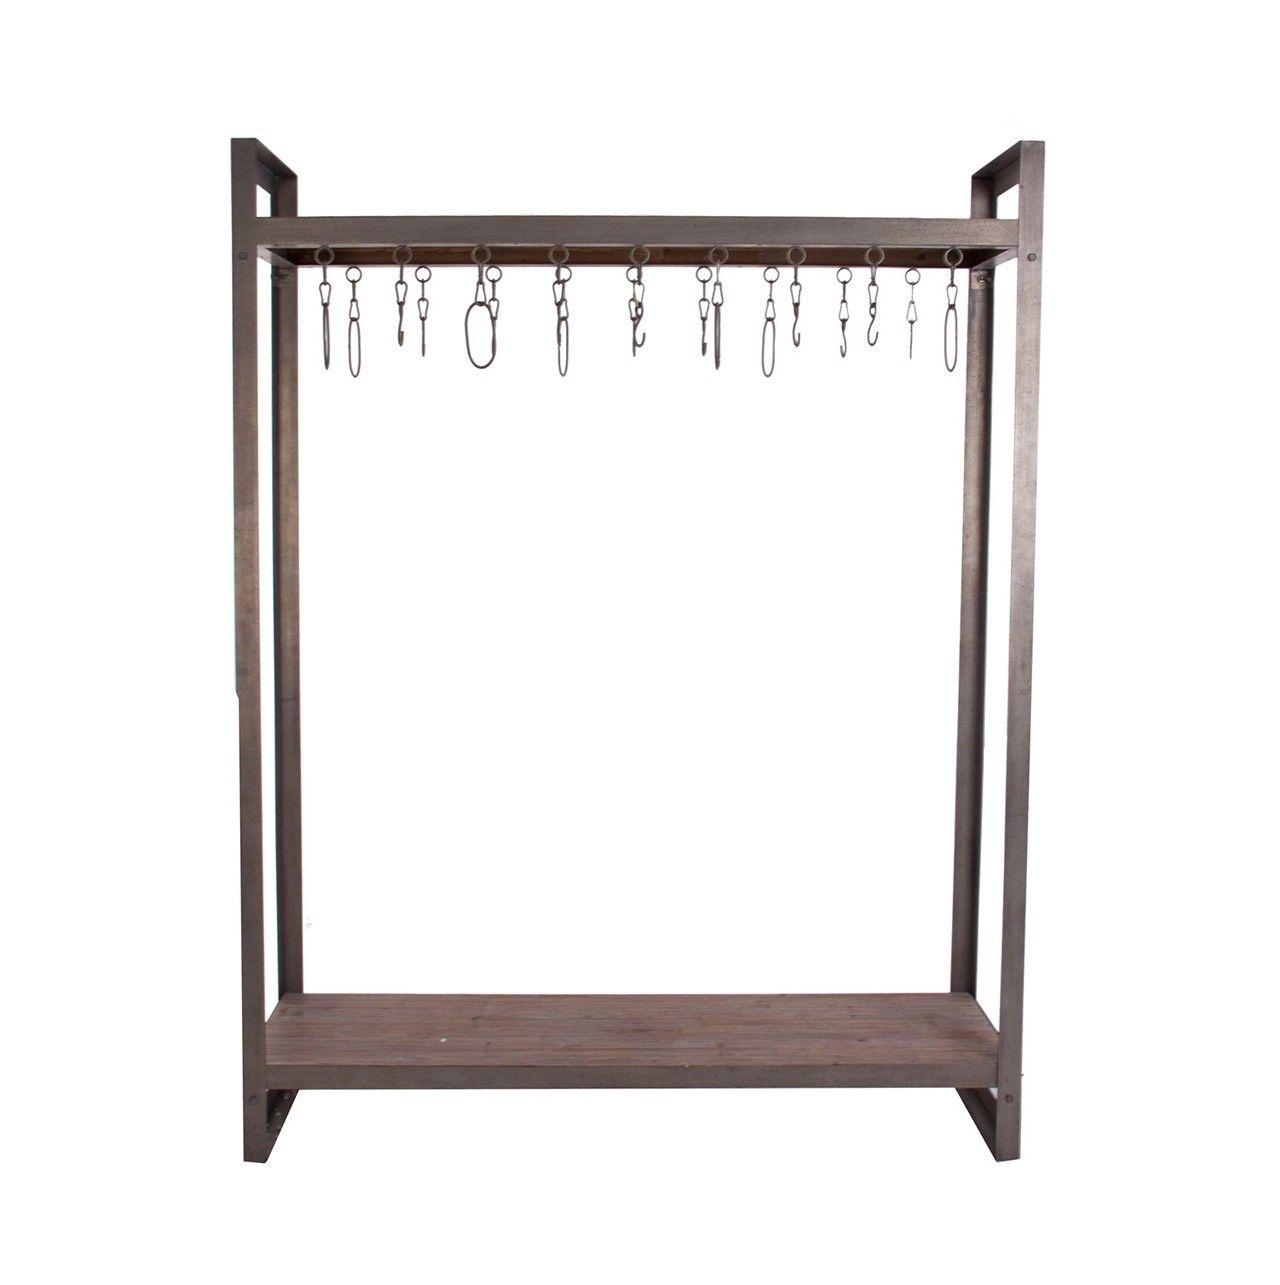 Perchero de metal y madera olhom metal y madera for Percheros de metal